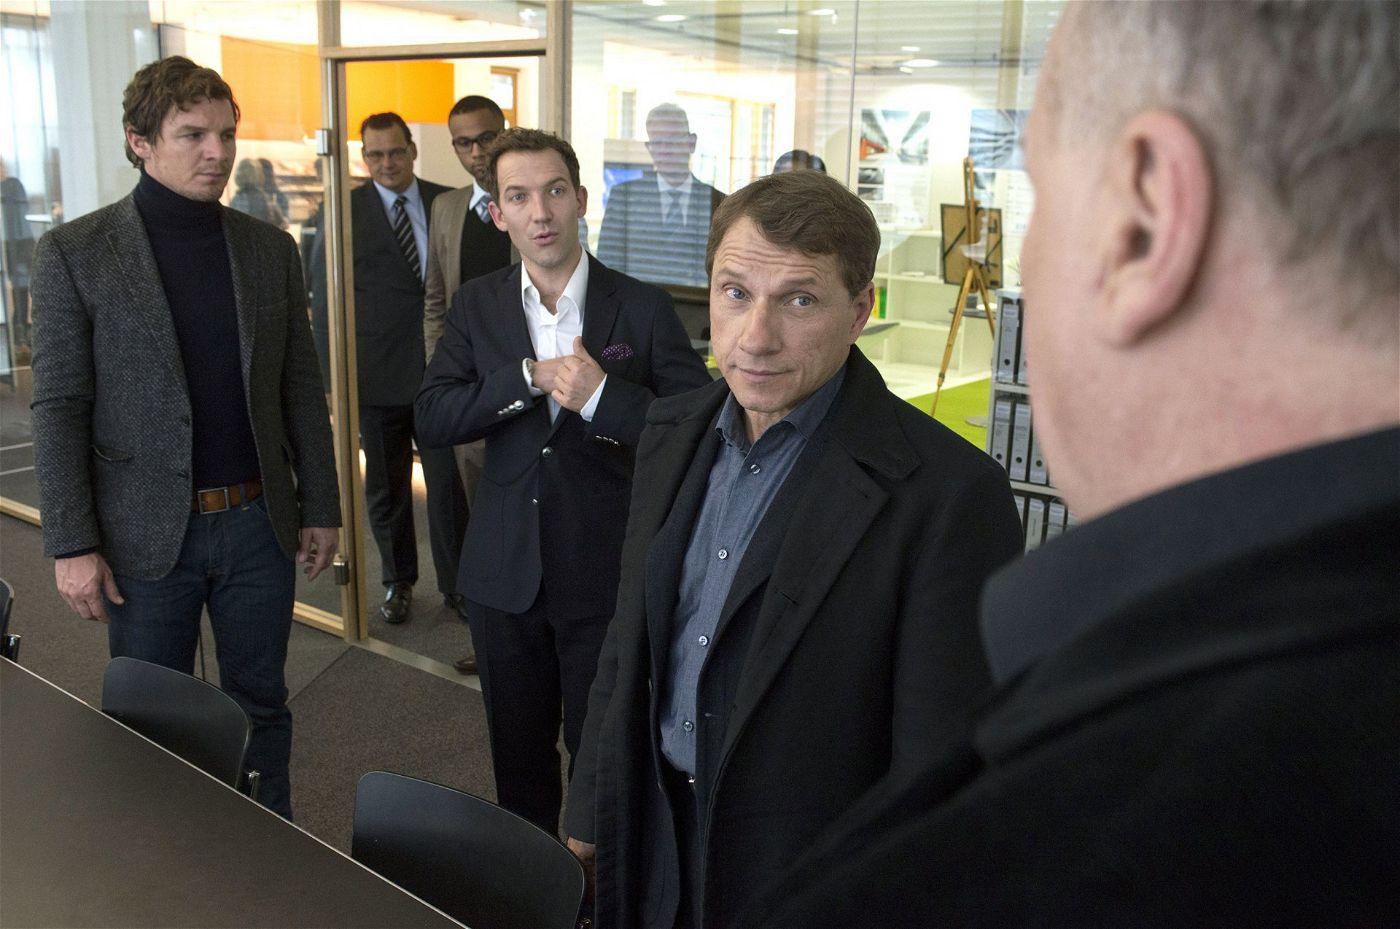 Dort arbeitet auch Busso von Mayer (Thomas Thieme, ganz rechts) als Freigänger. Eine Kombination, die Bootz und Lannert wundert.